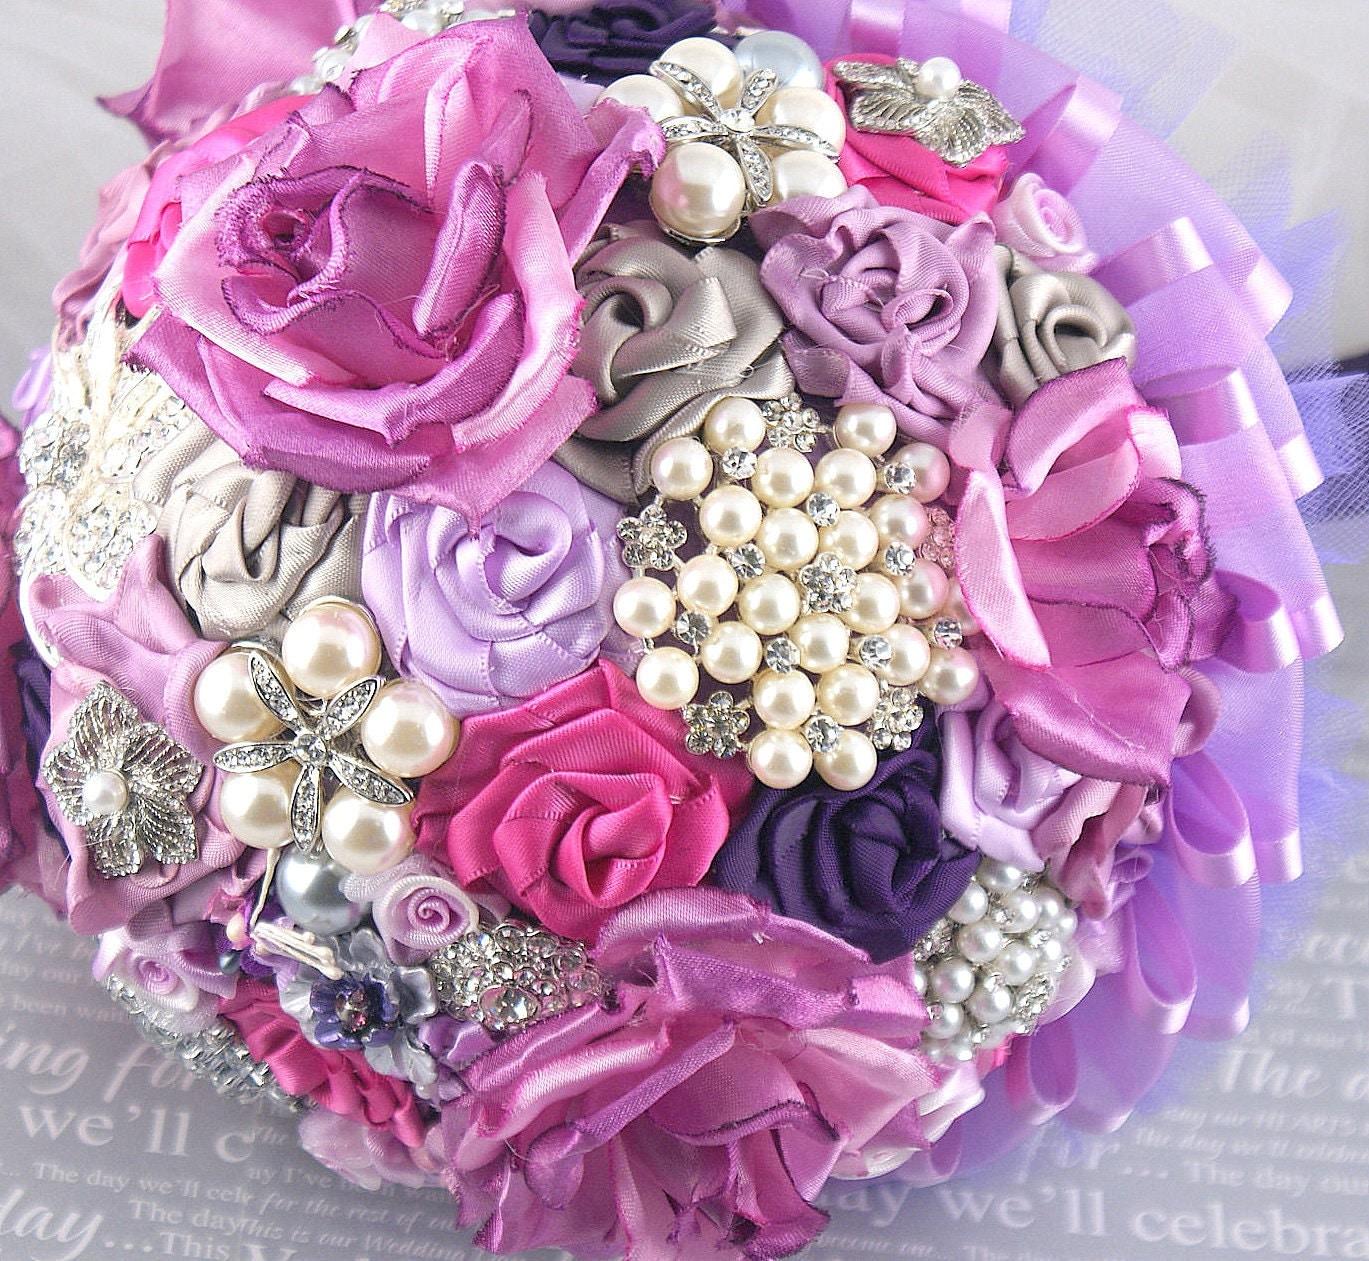 Брошь Букет Jeweled букет свадебный букет в сирень, слива и светло-серый